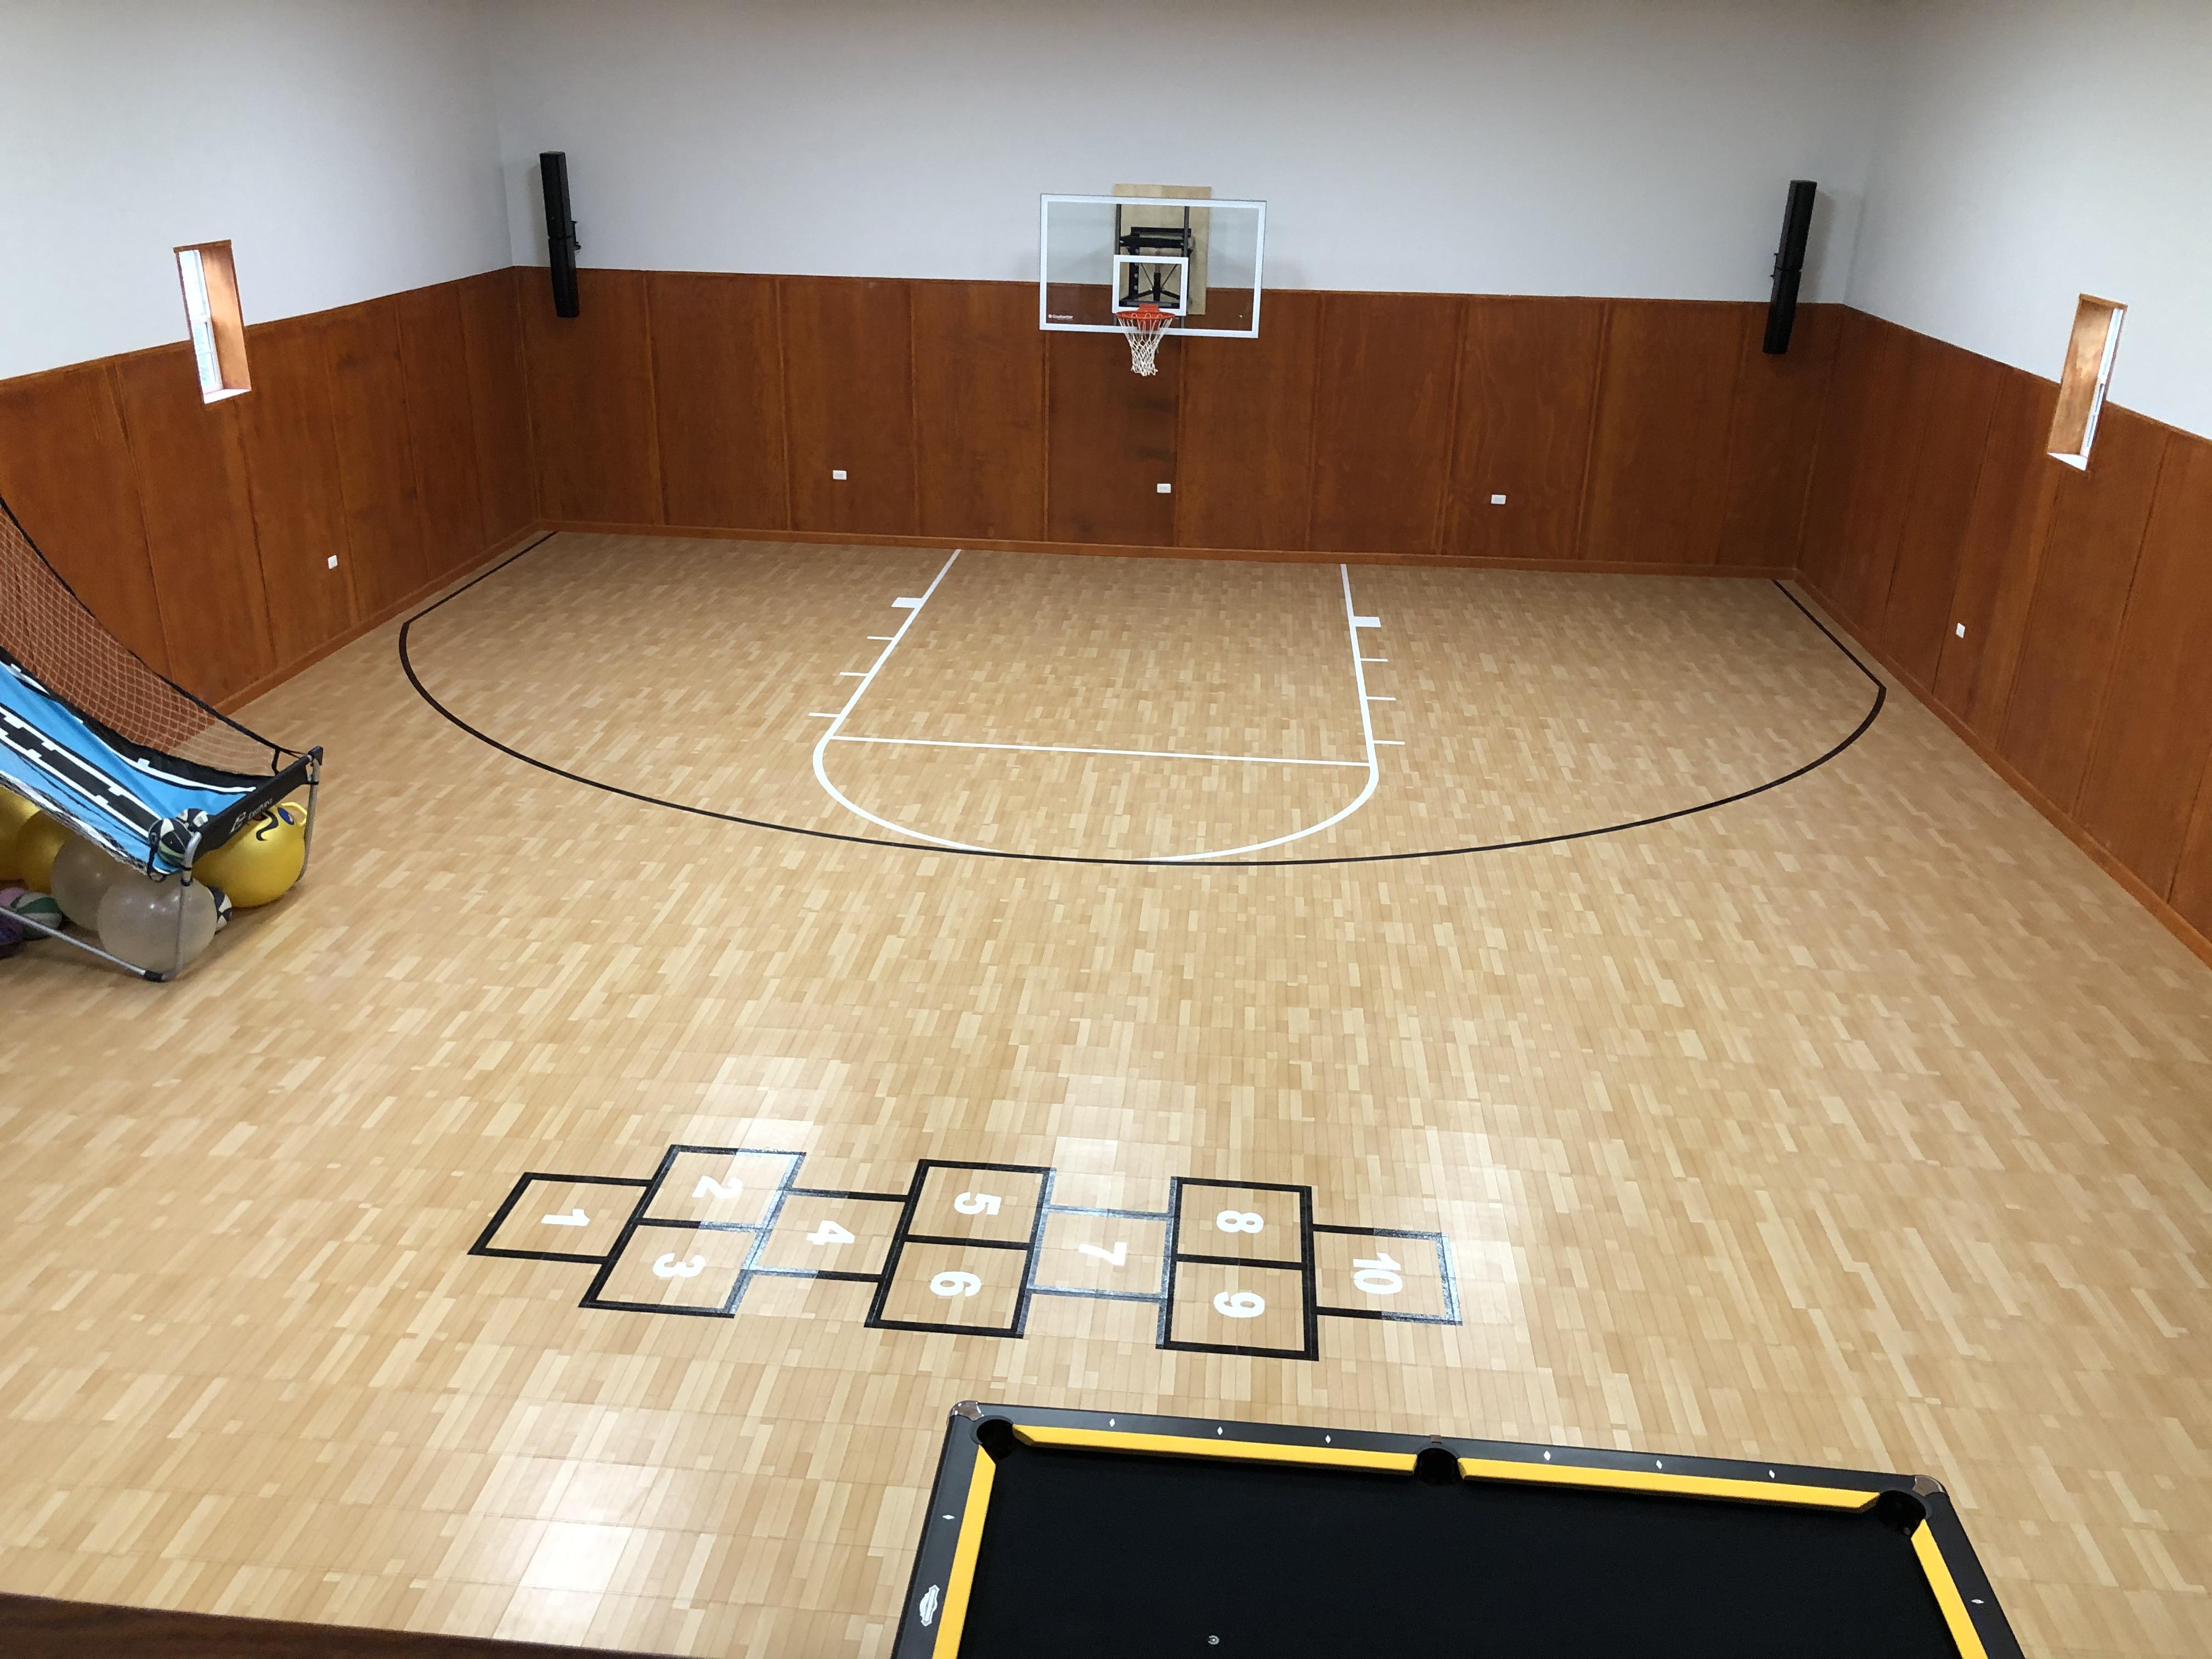 zottola-court-2.jpg